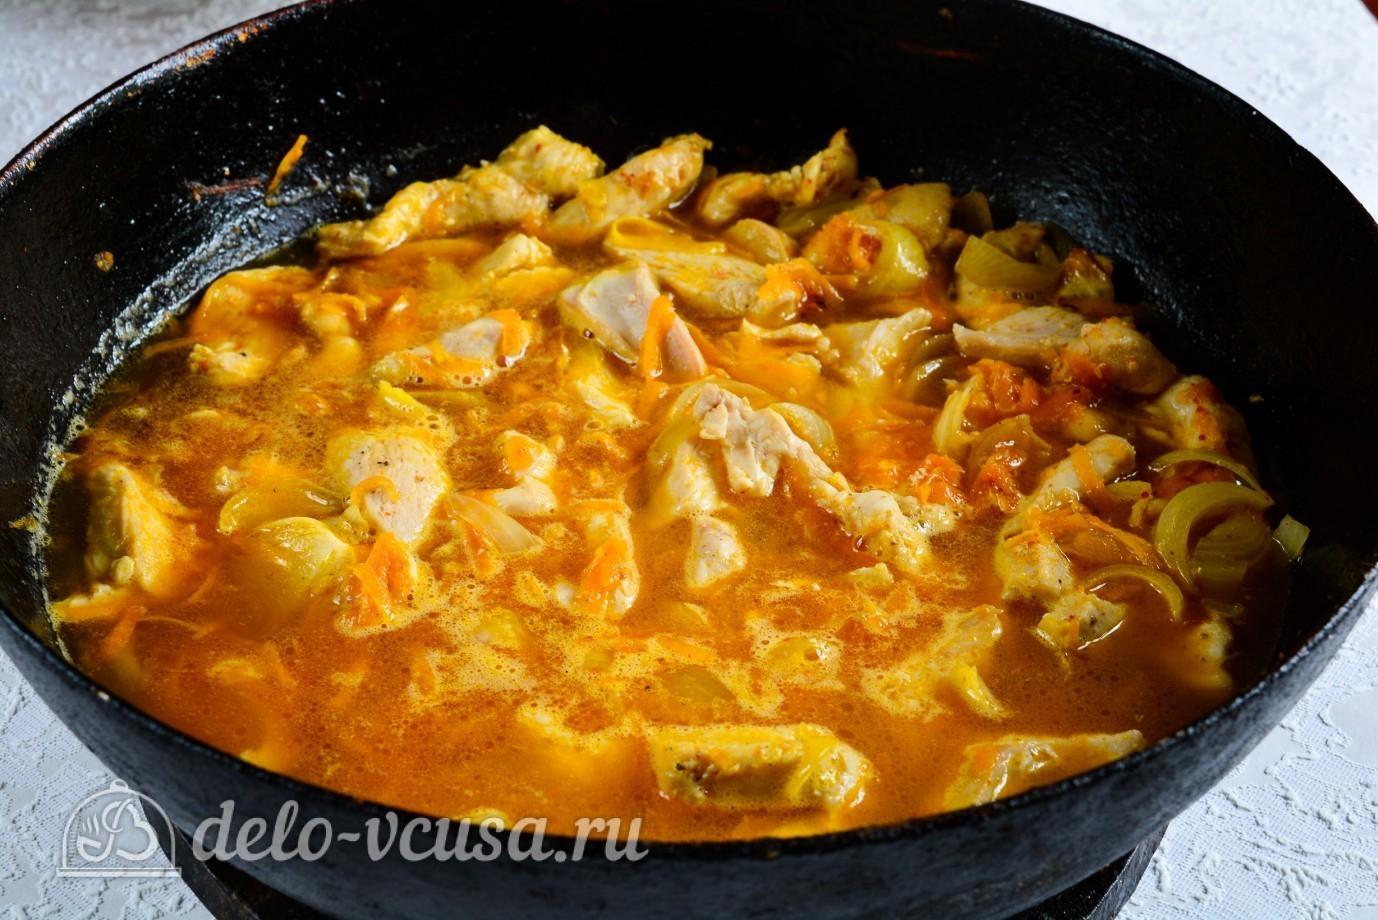 Потушить курицу в сметане в кастрюле рецепт